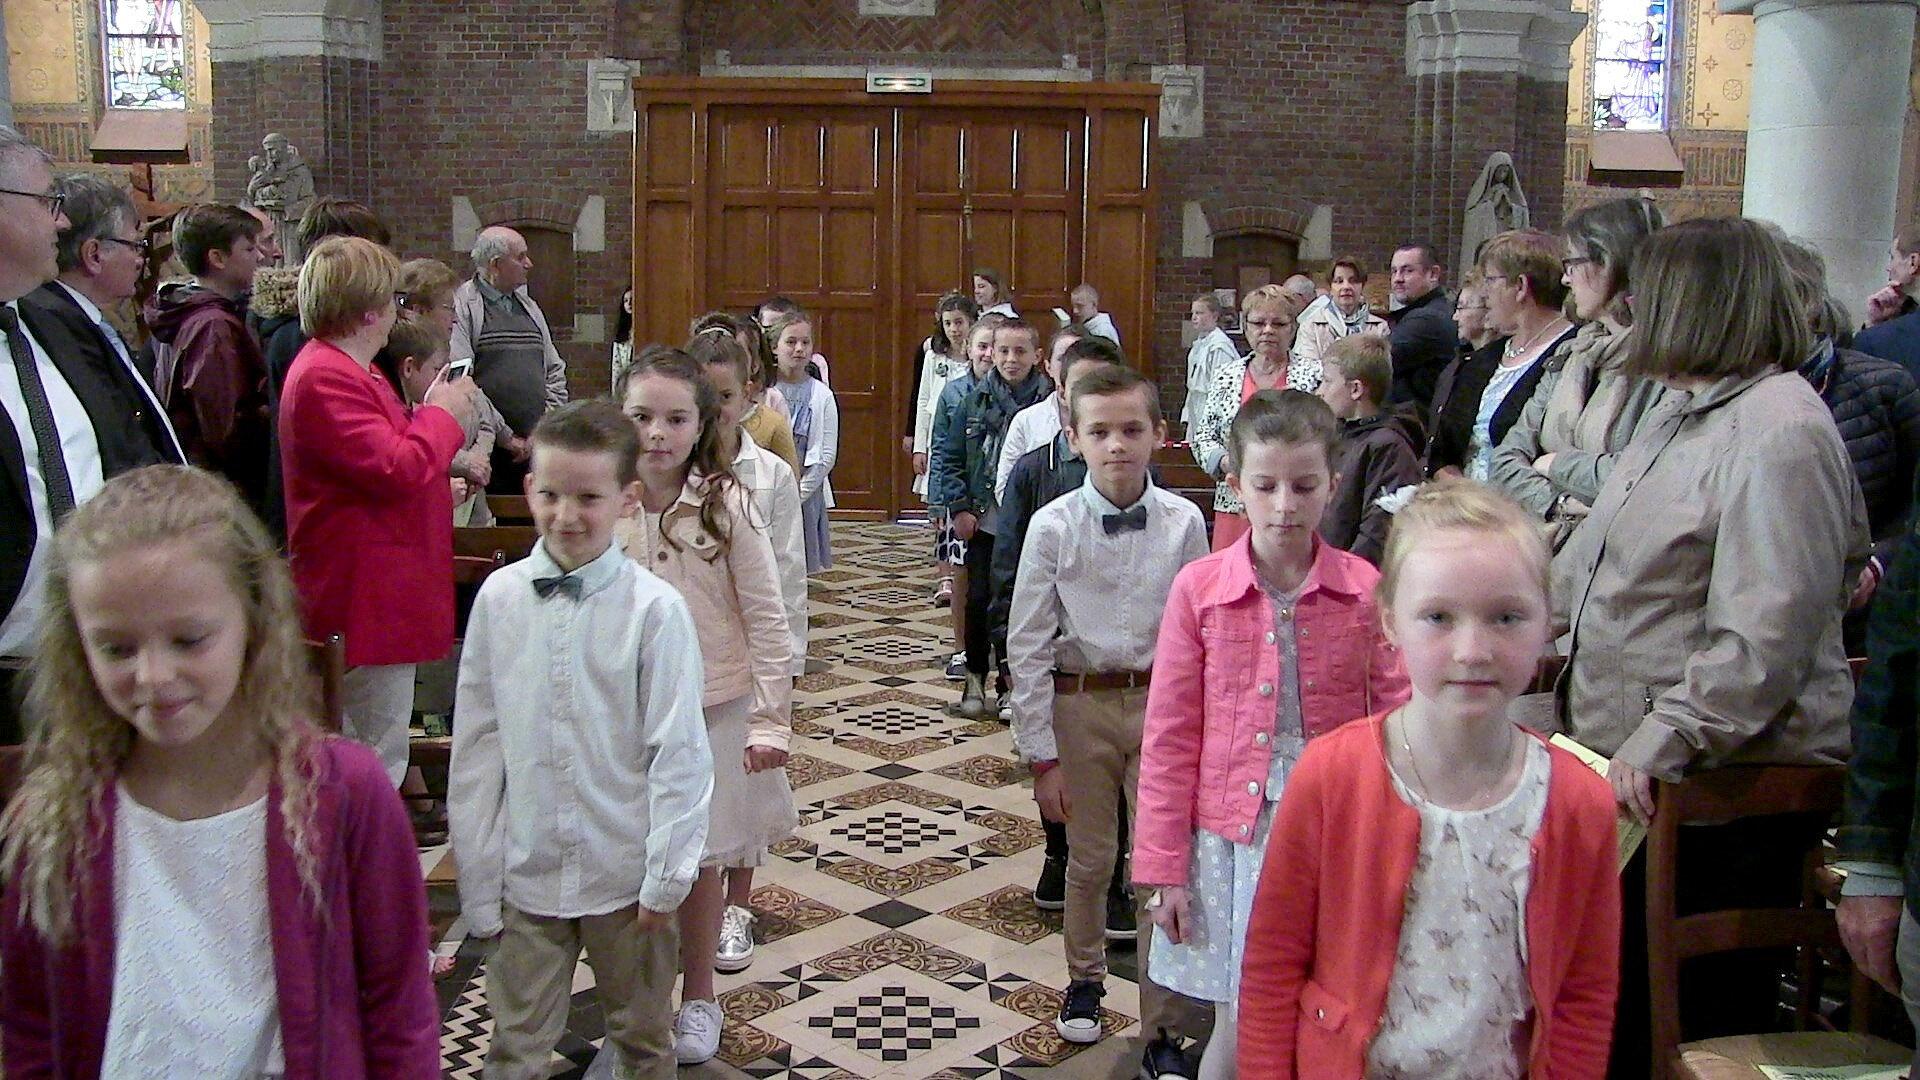 2019-05-12-entrées eucharistie (13)